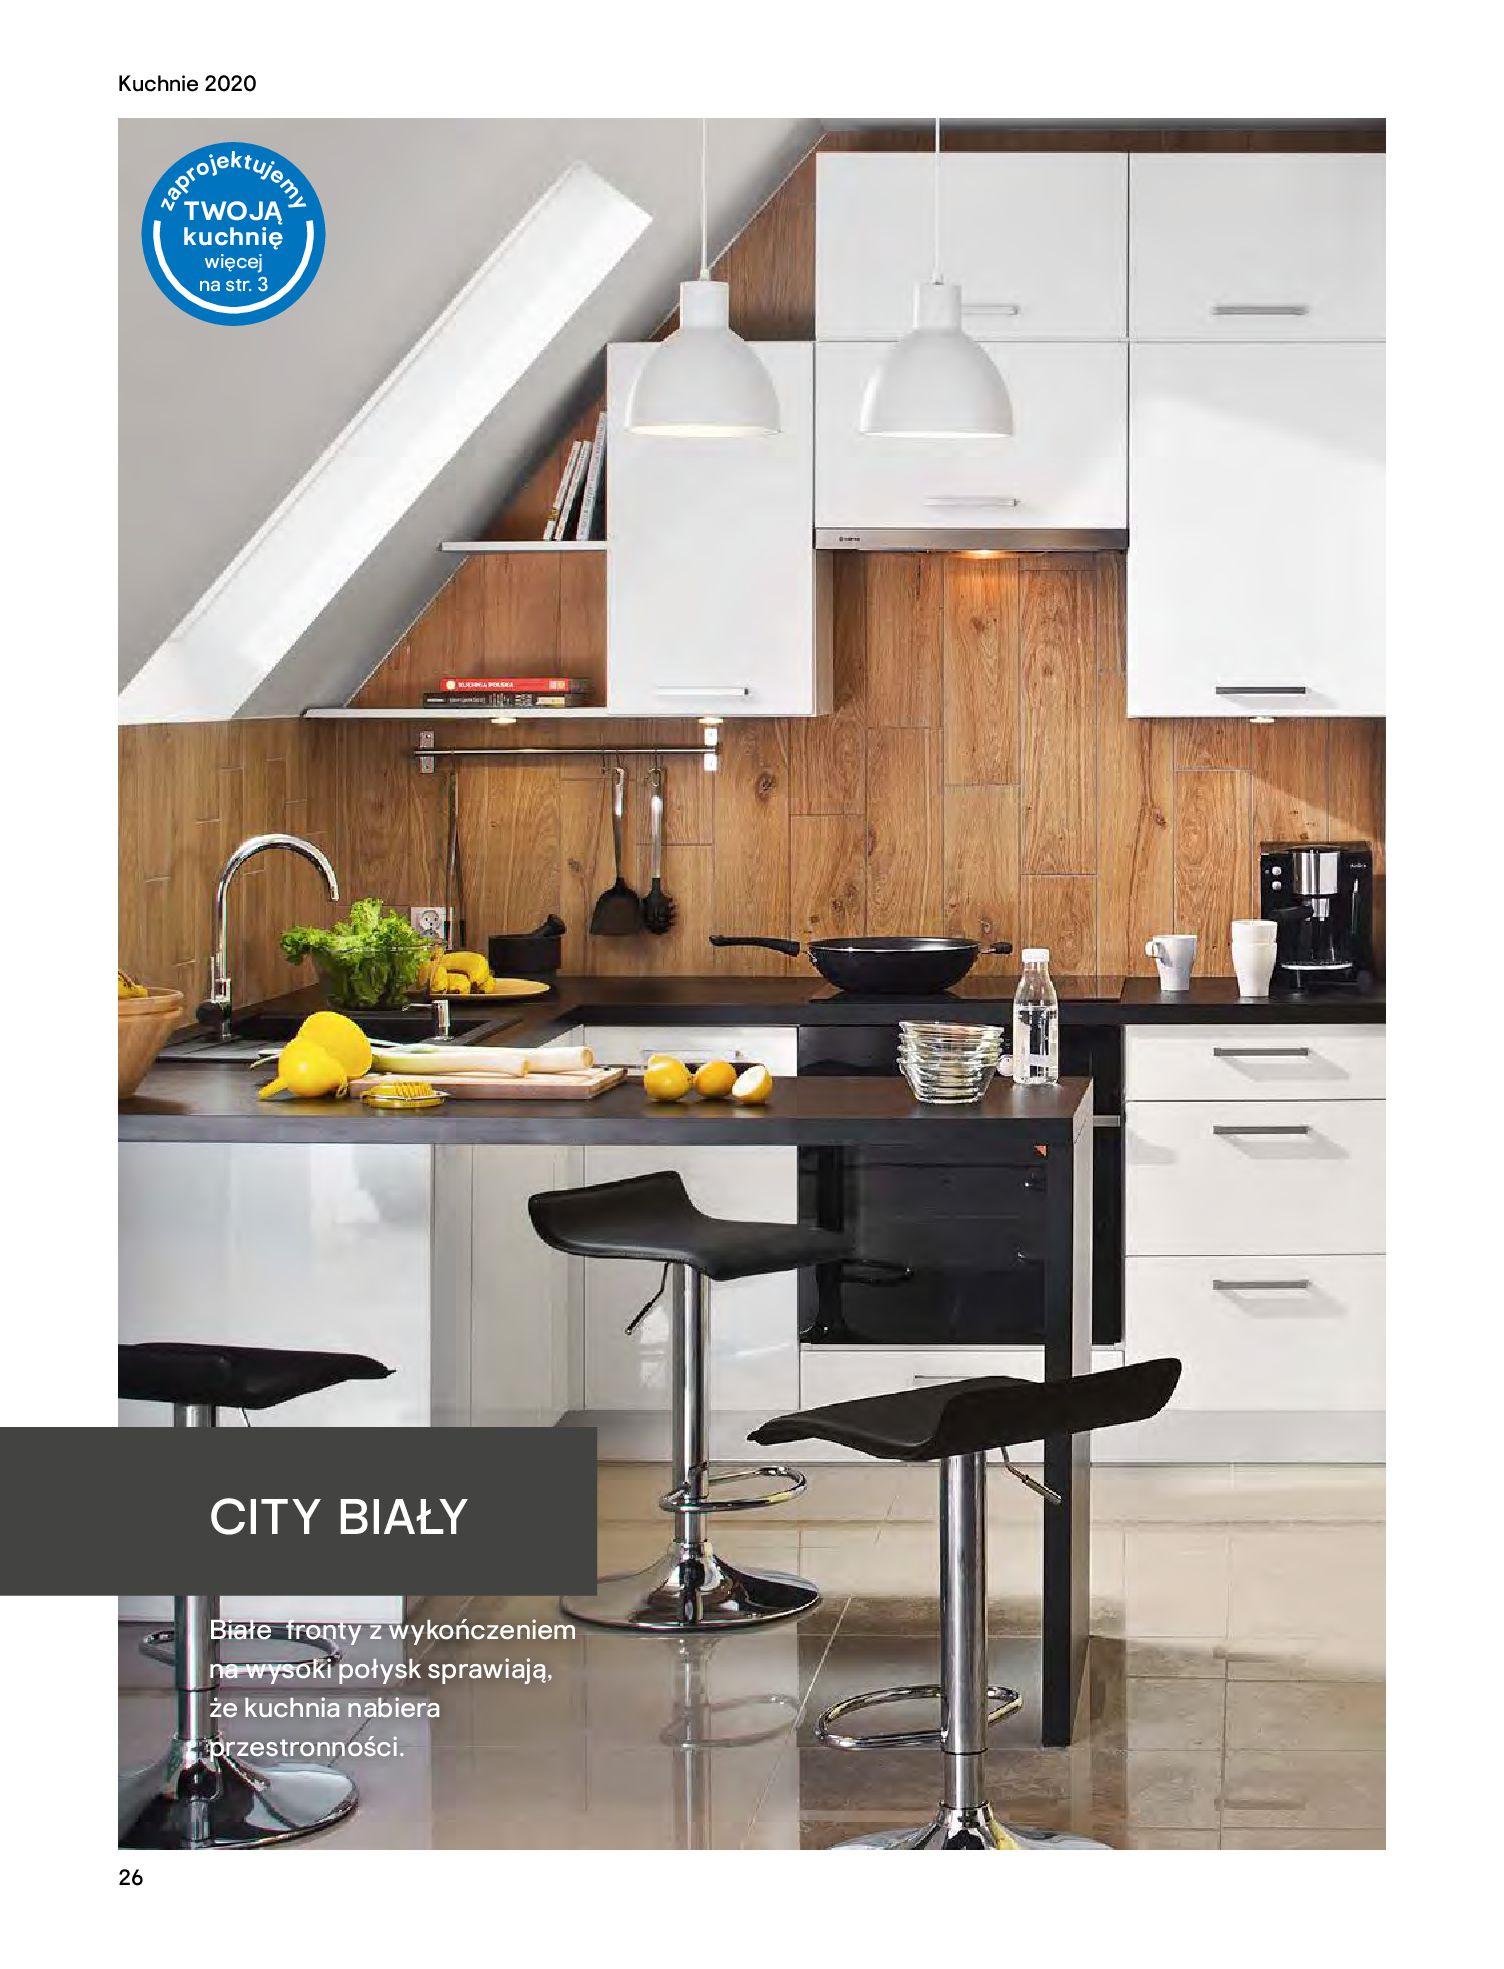 Gazetka Castorama - Katalog Kuchnie 2020-14.04.2020-31.12.2020-page-26